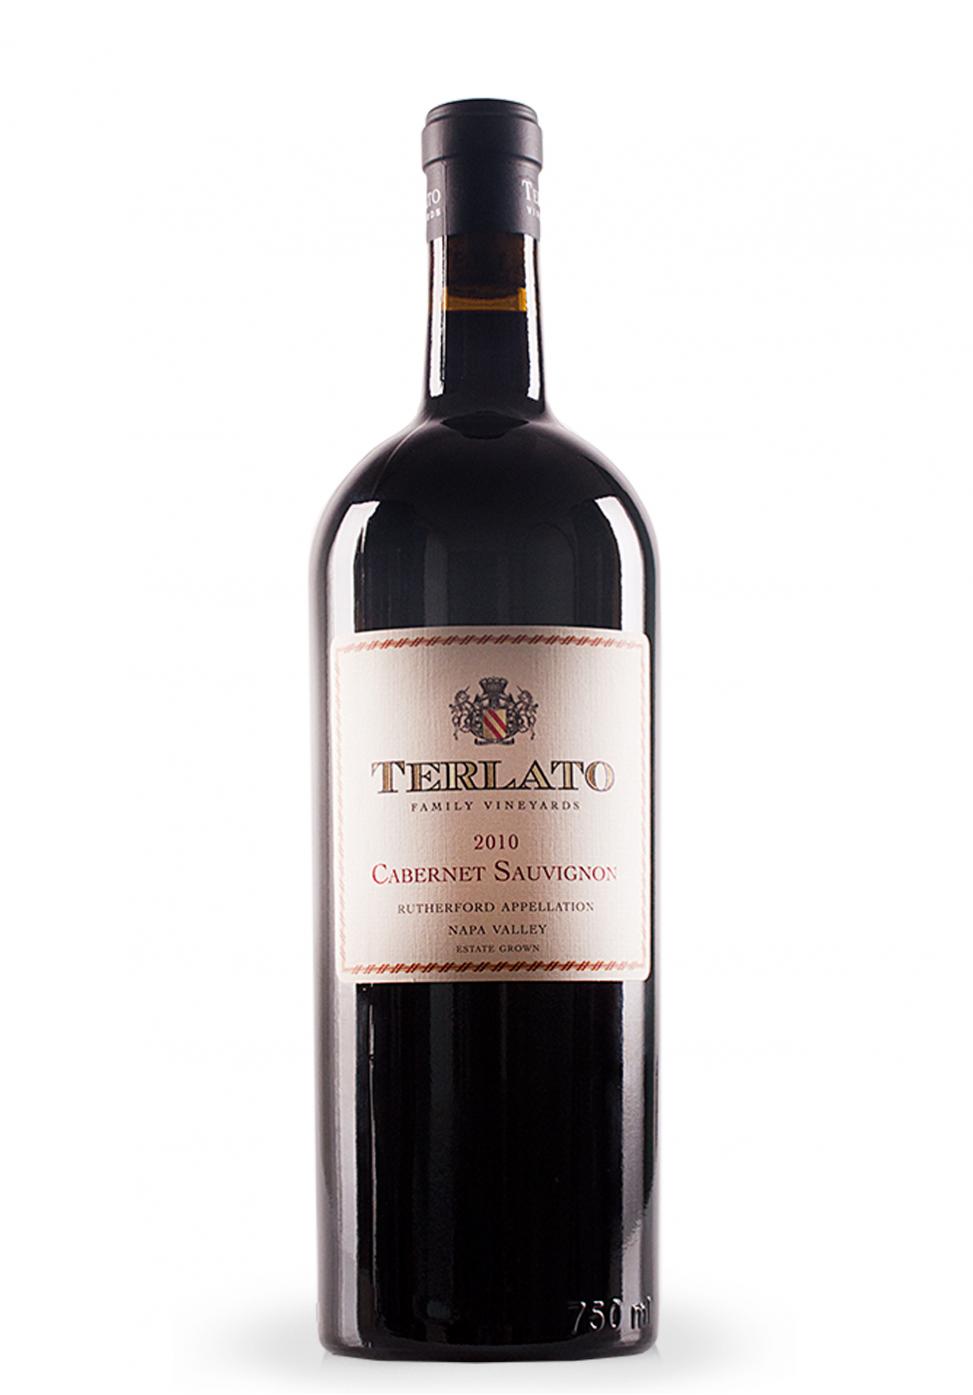 Vin Terlato Family, Rutherford Appellation, Napa Valley, Cabernet Sauvignon 2010 (0.75L)